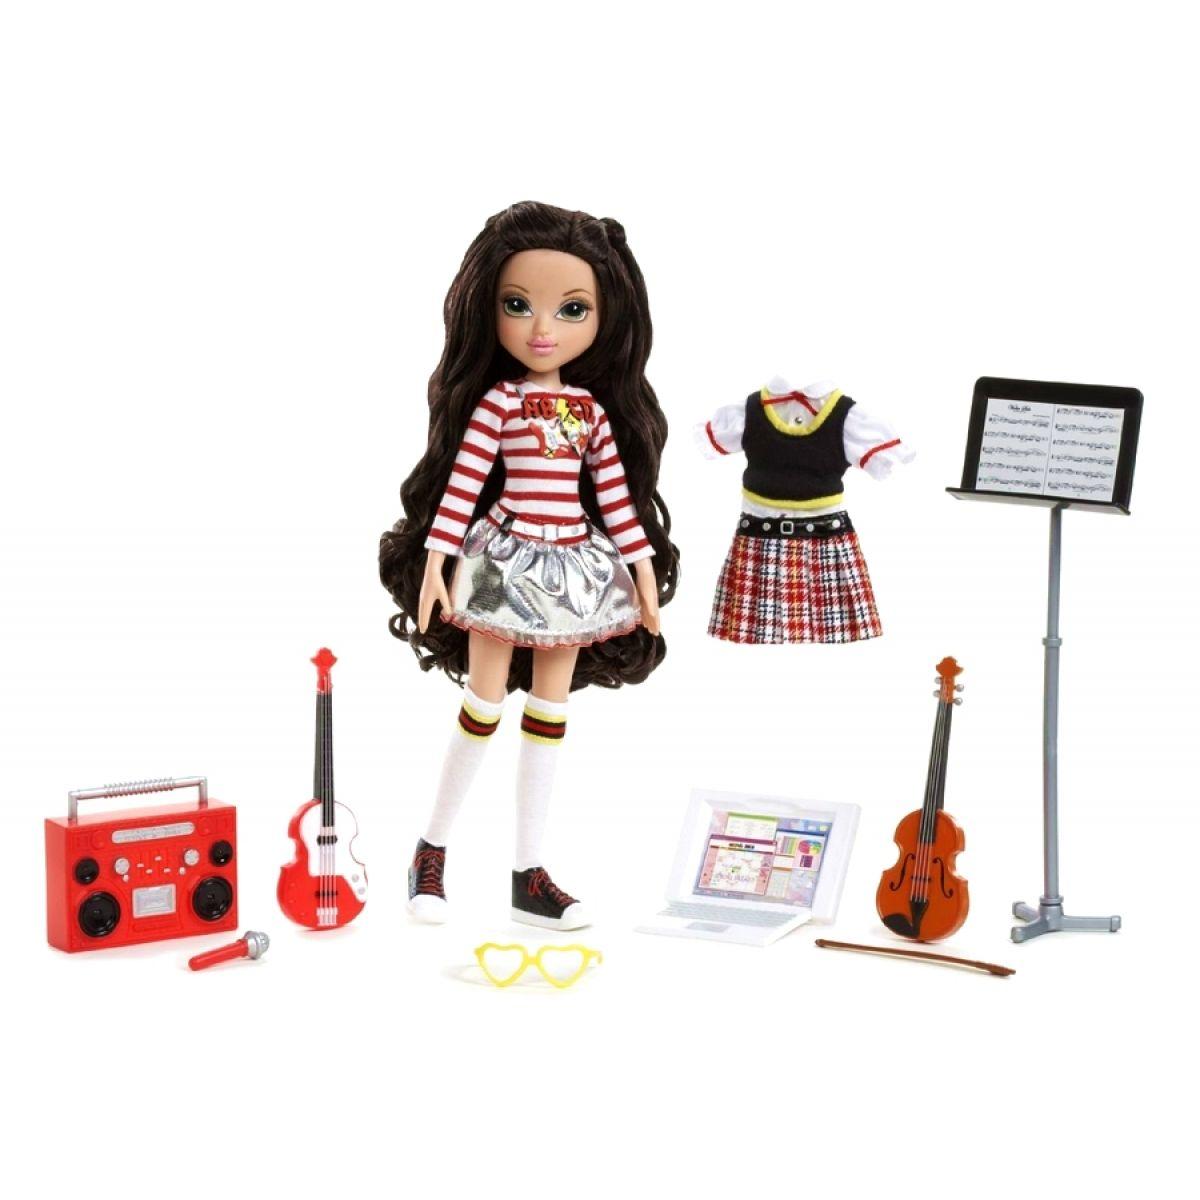 Moxie Girlz More2Me Dollpack - Lexa